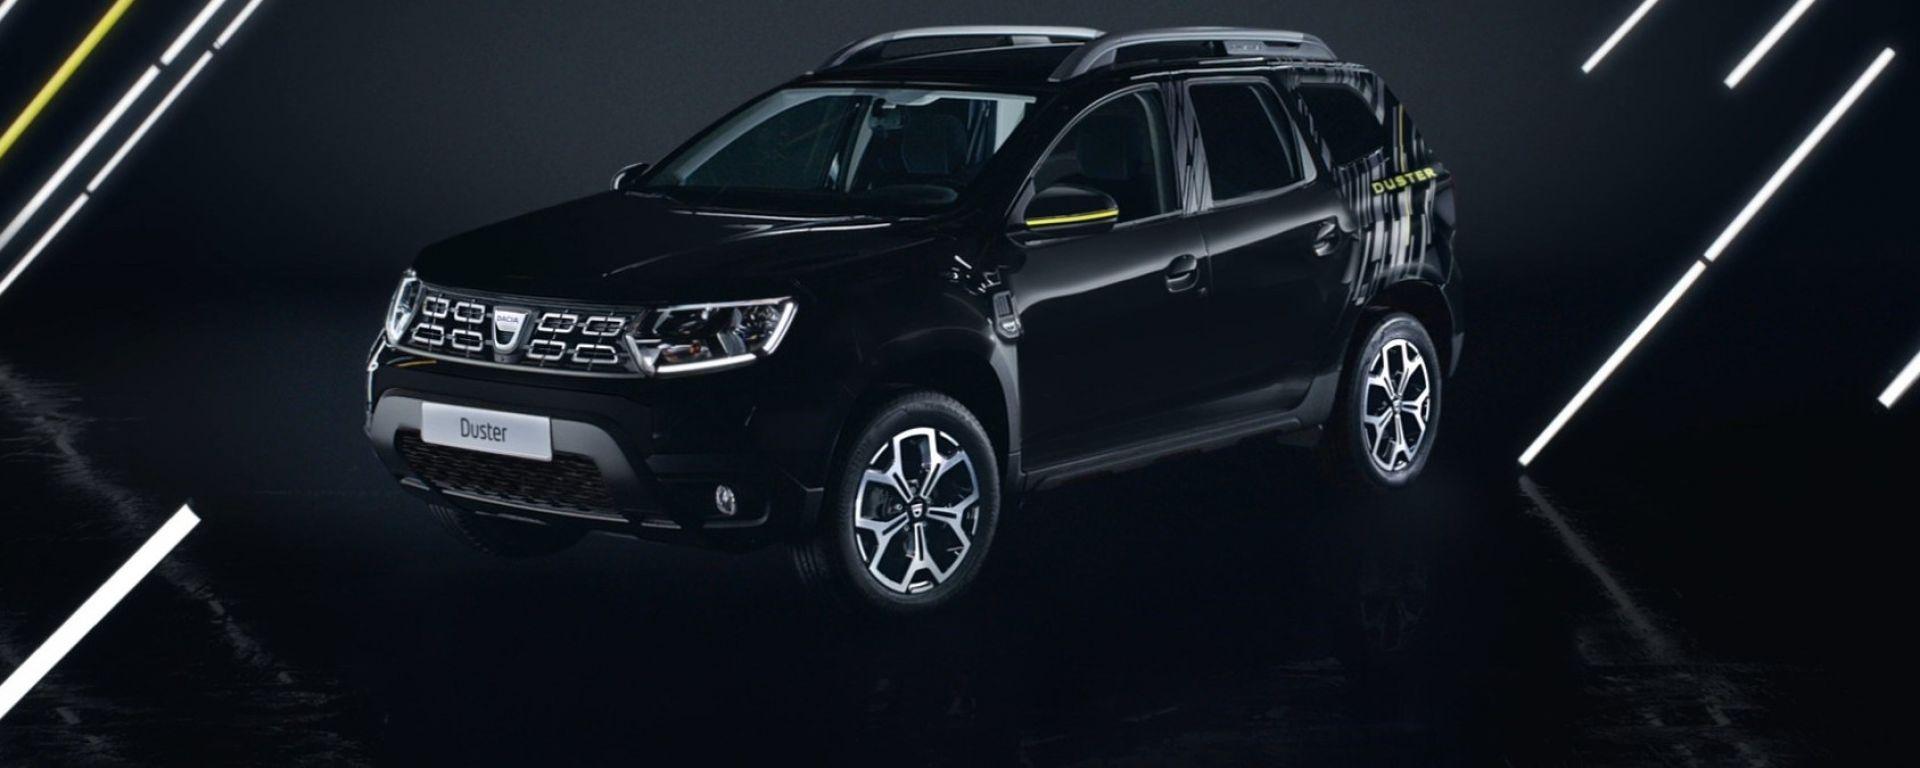 Nuova Dacia Duster Black Collector: solo 500 unità